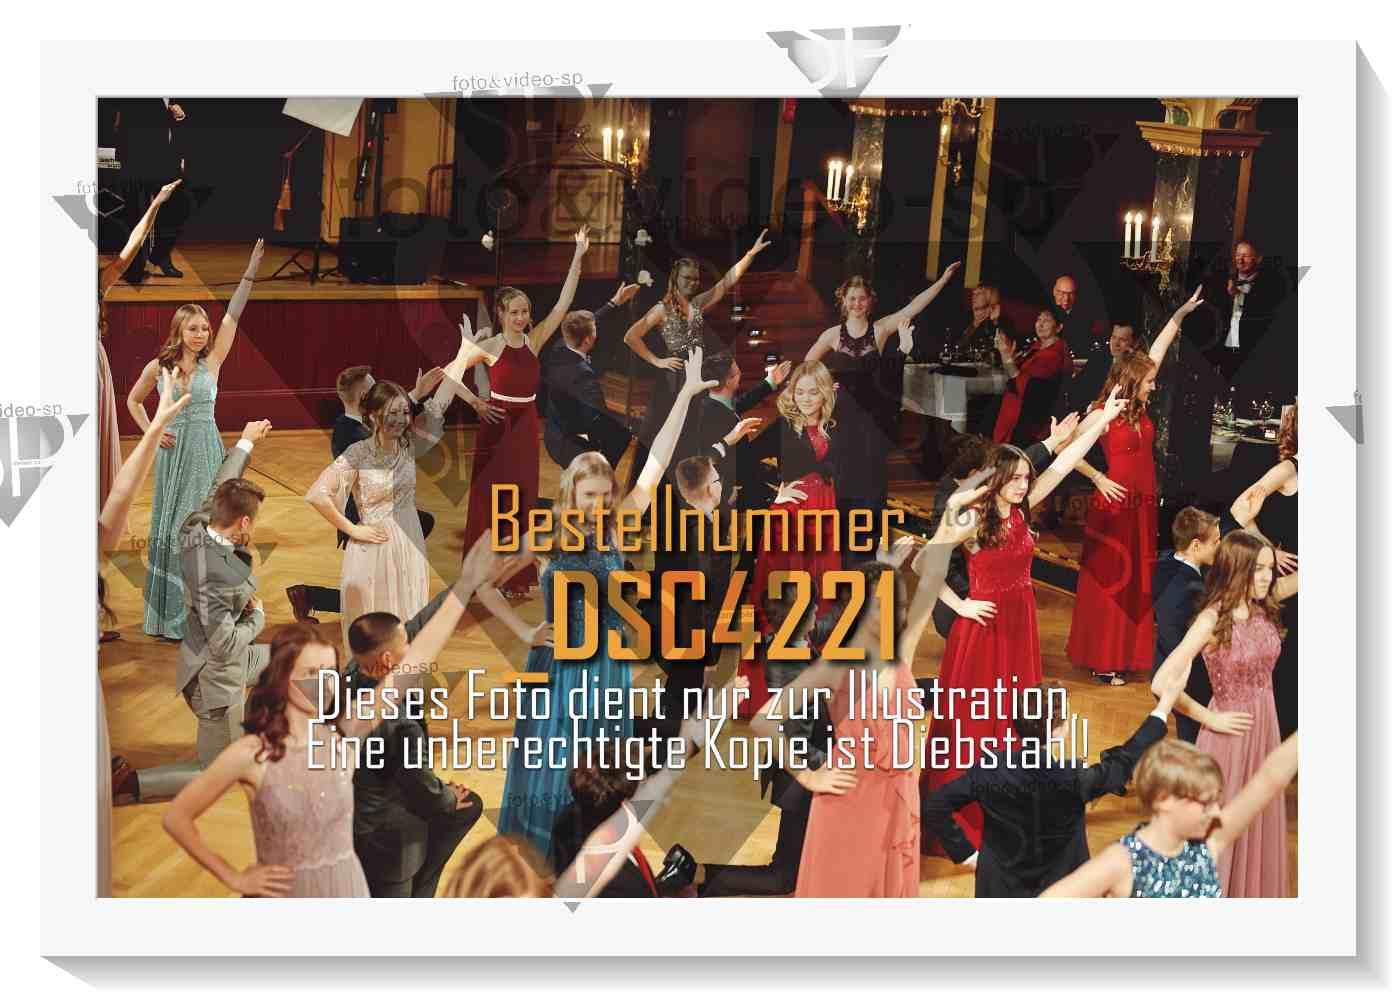 DSC4221